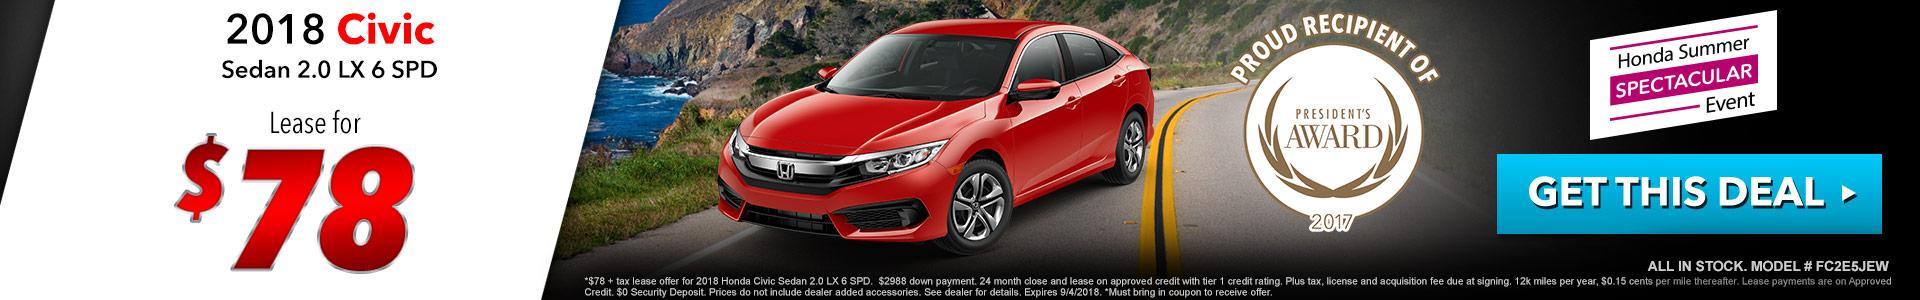 Honda Civic Sedan $78 Lease